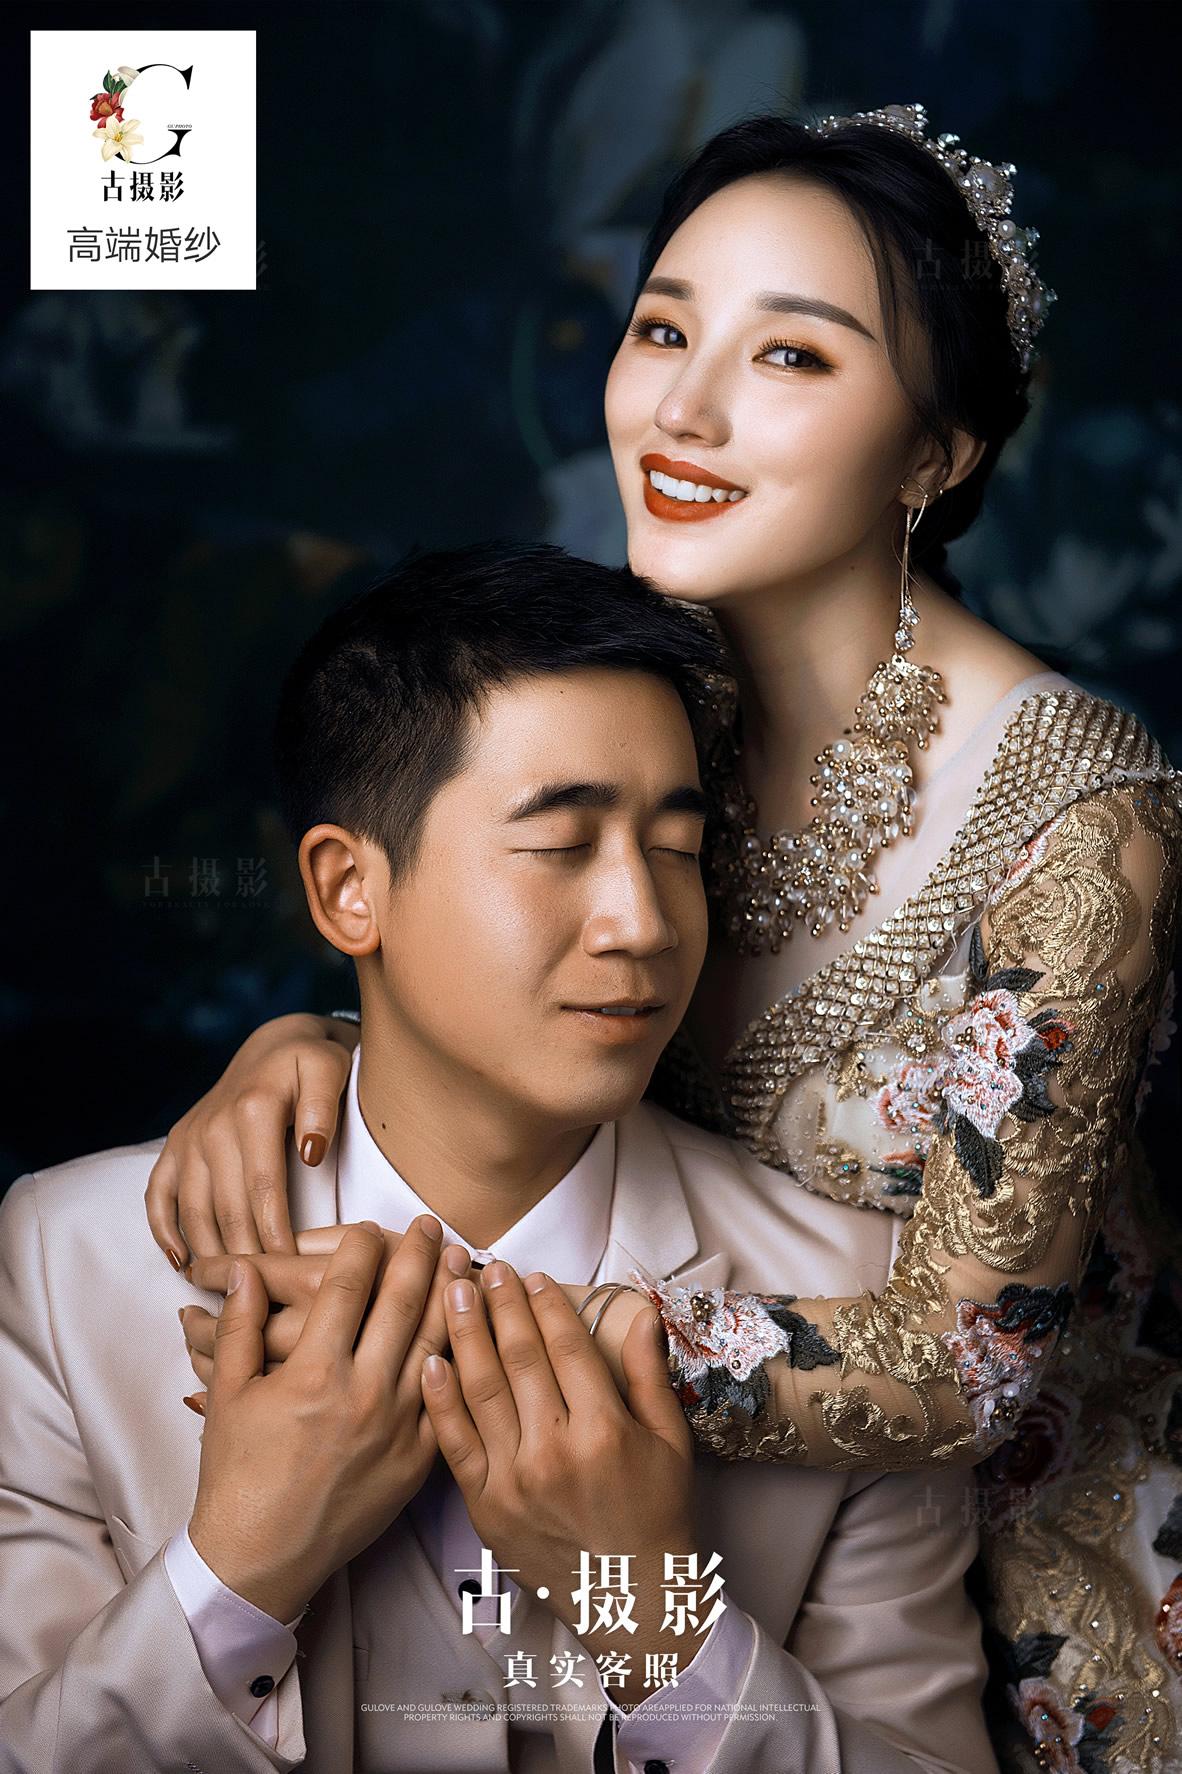 3月13日客片莫莫石哈 俄里妞牛莫 - 每日客照 - 古摄影婚纱艺术-古摄影成都婚纱摄影艺术摄影网